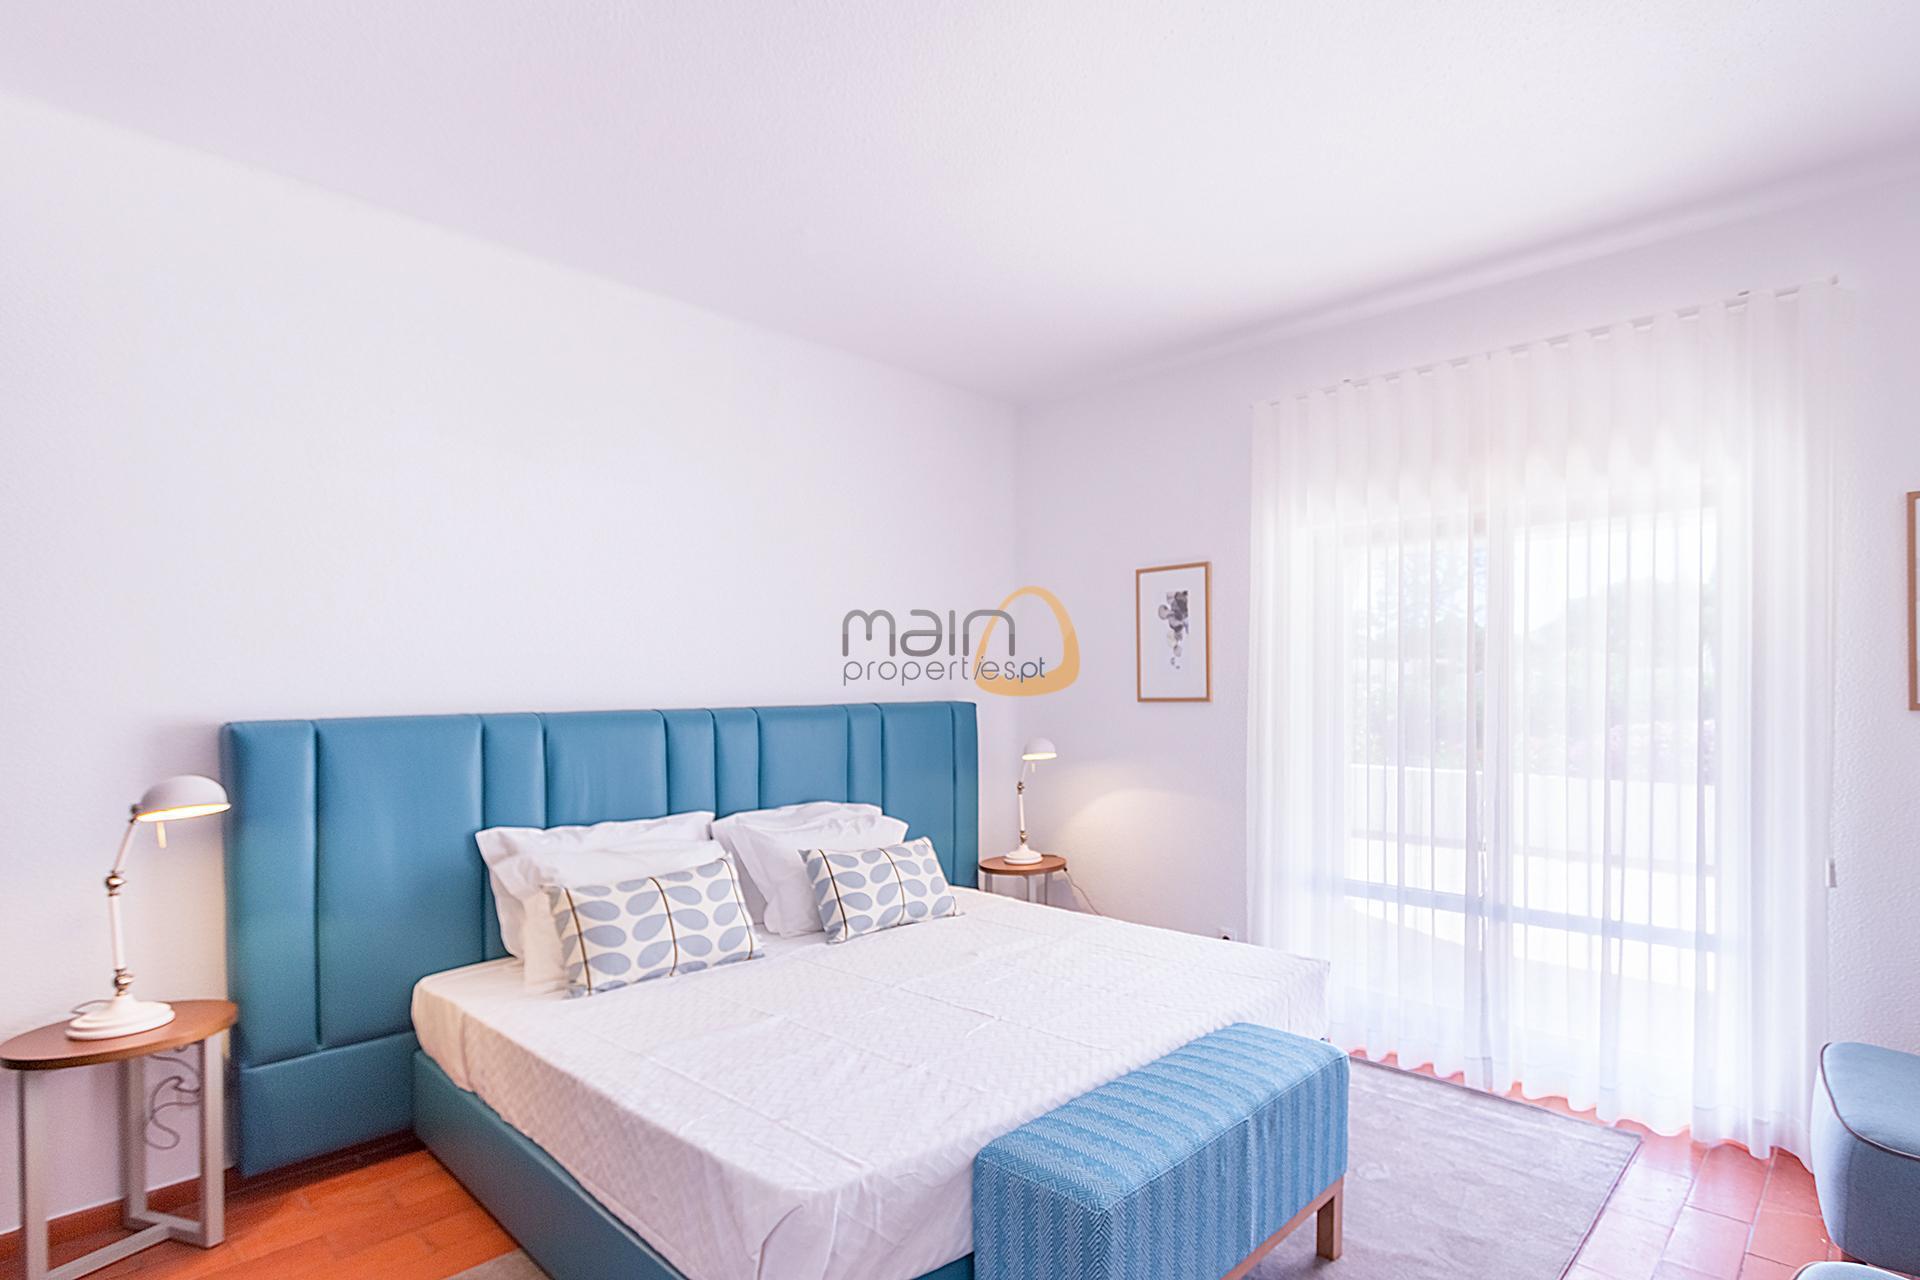 villa-in-vale-do-lobo-algarve-golden-triangle-portugal-property-real-estate-mainproperties-mp139vdl-5